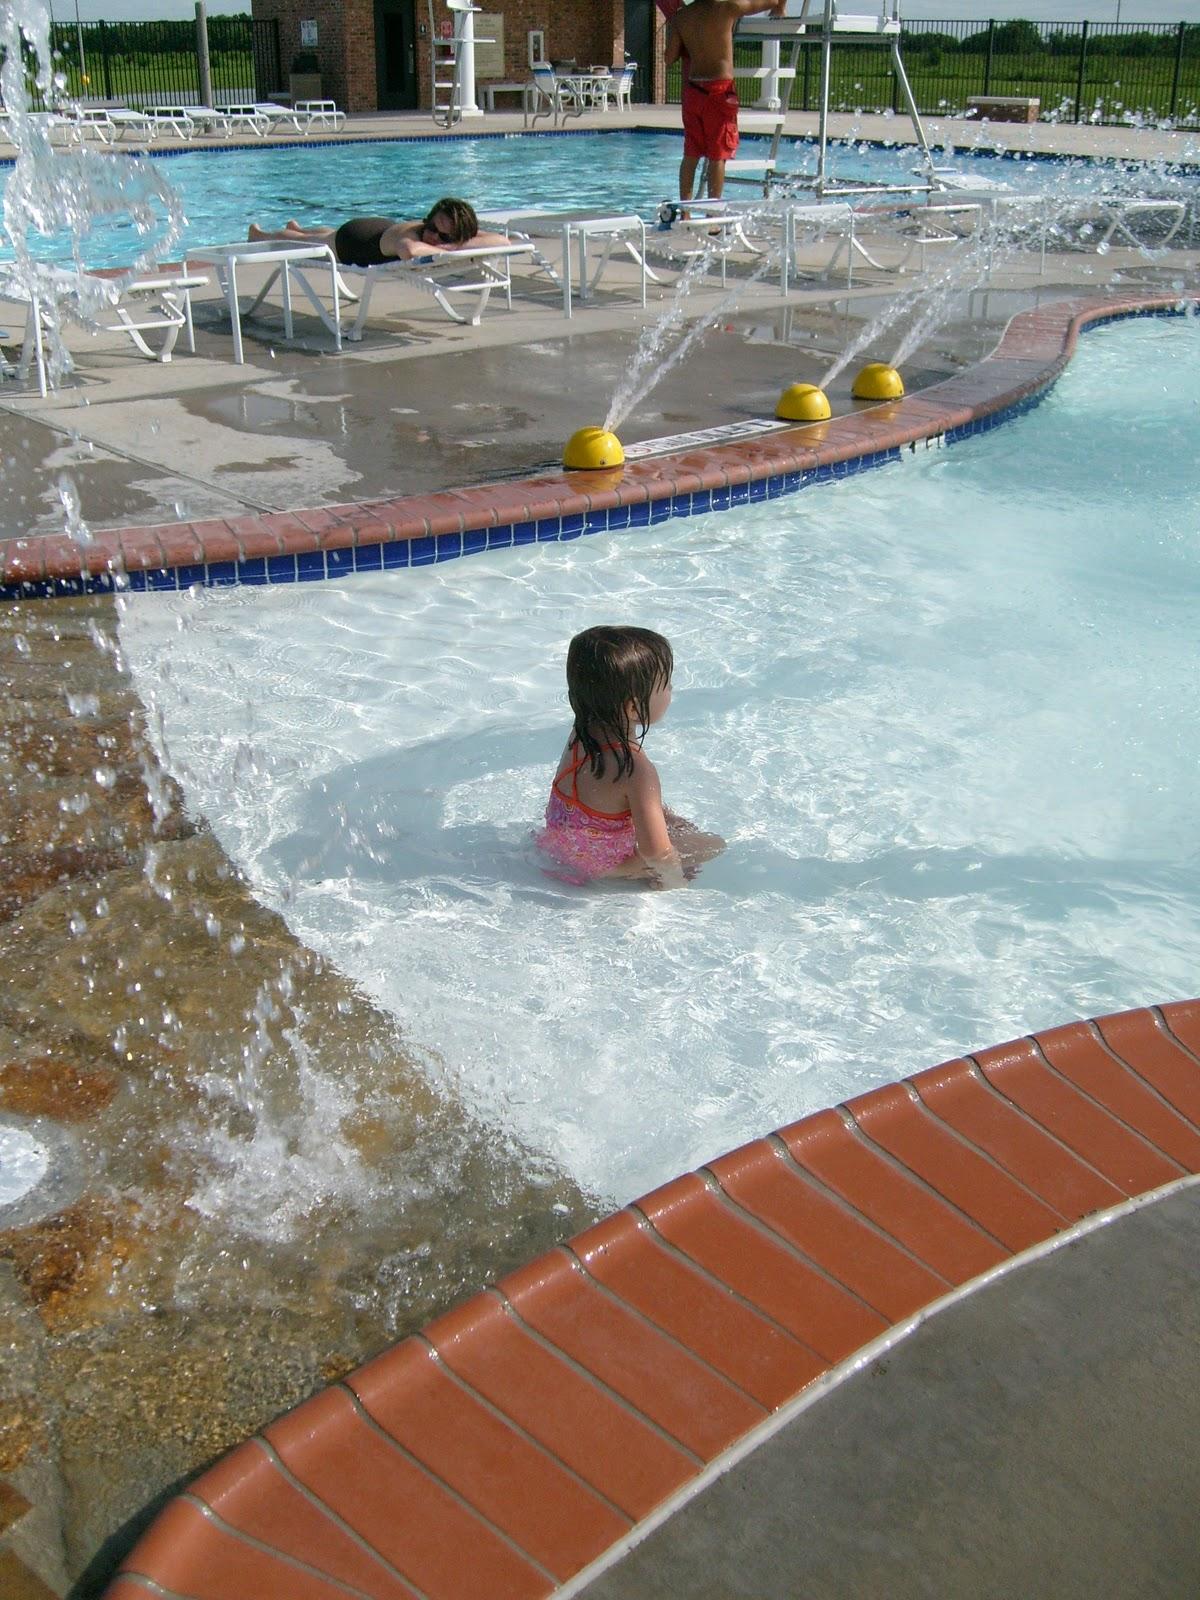 Poolside - S7300050.JPG